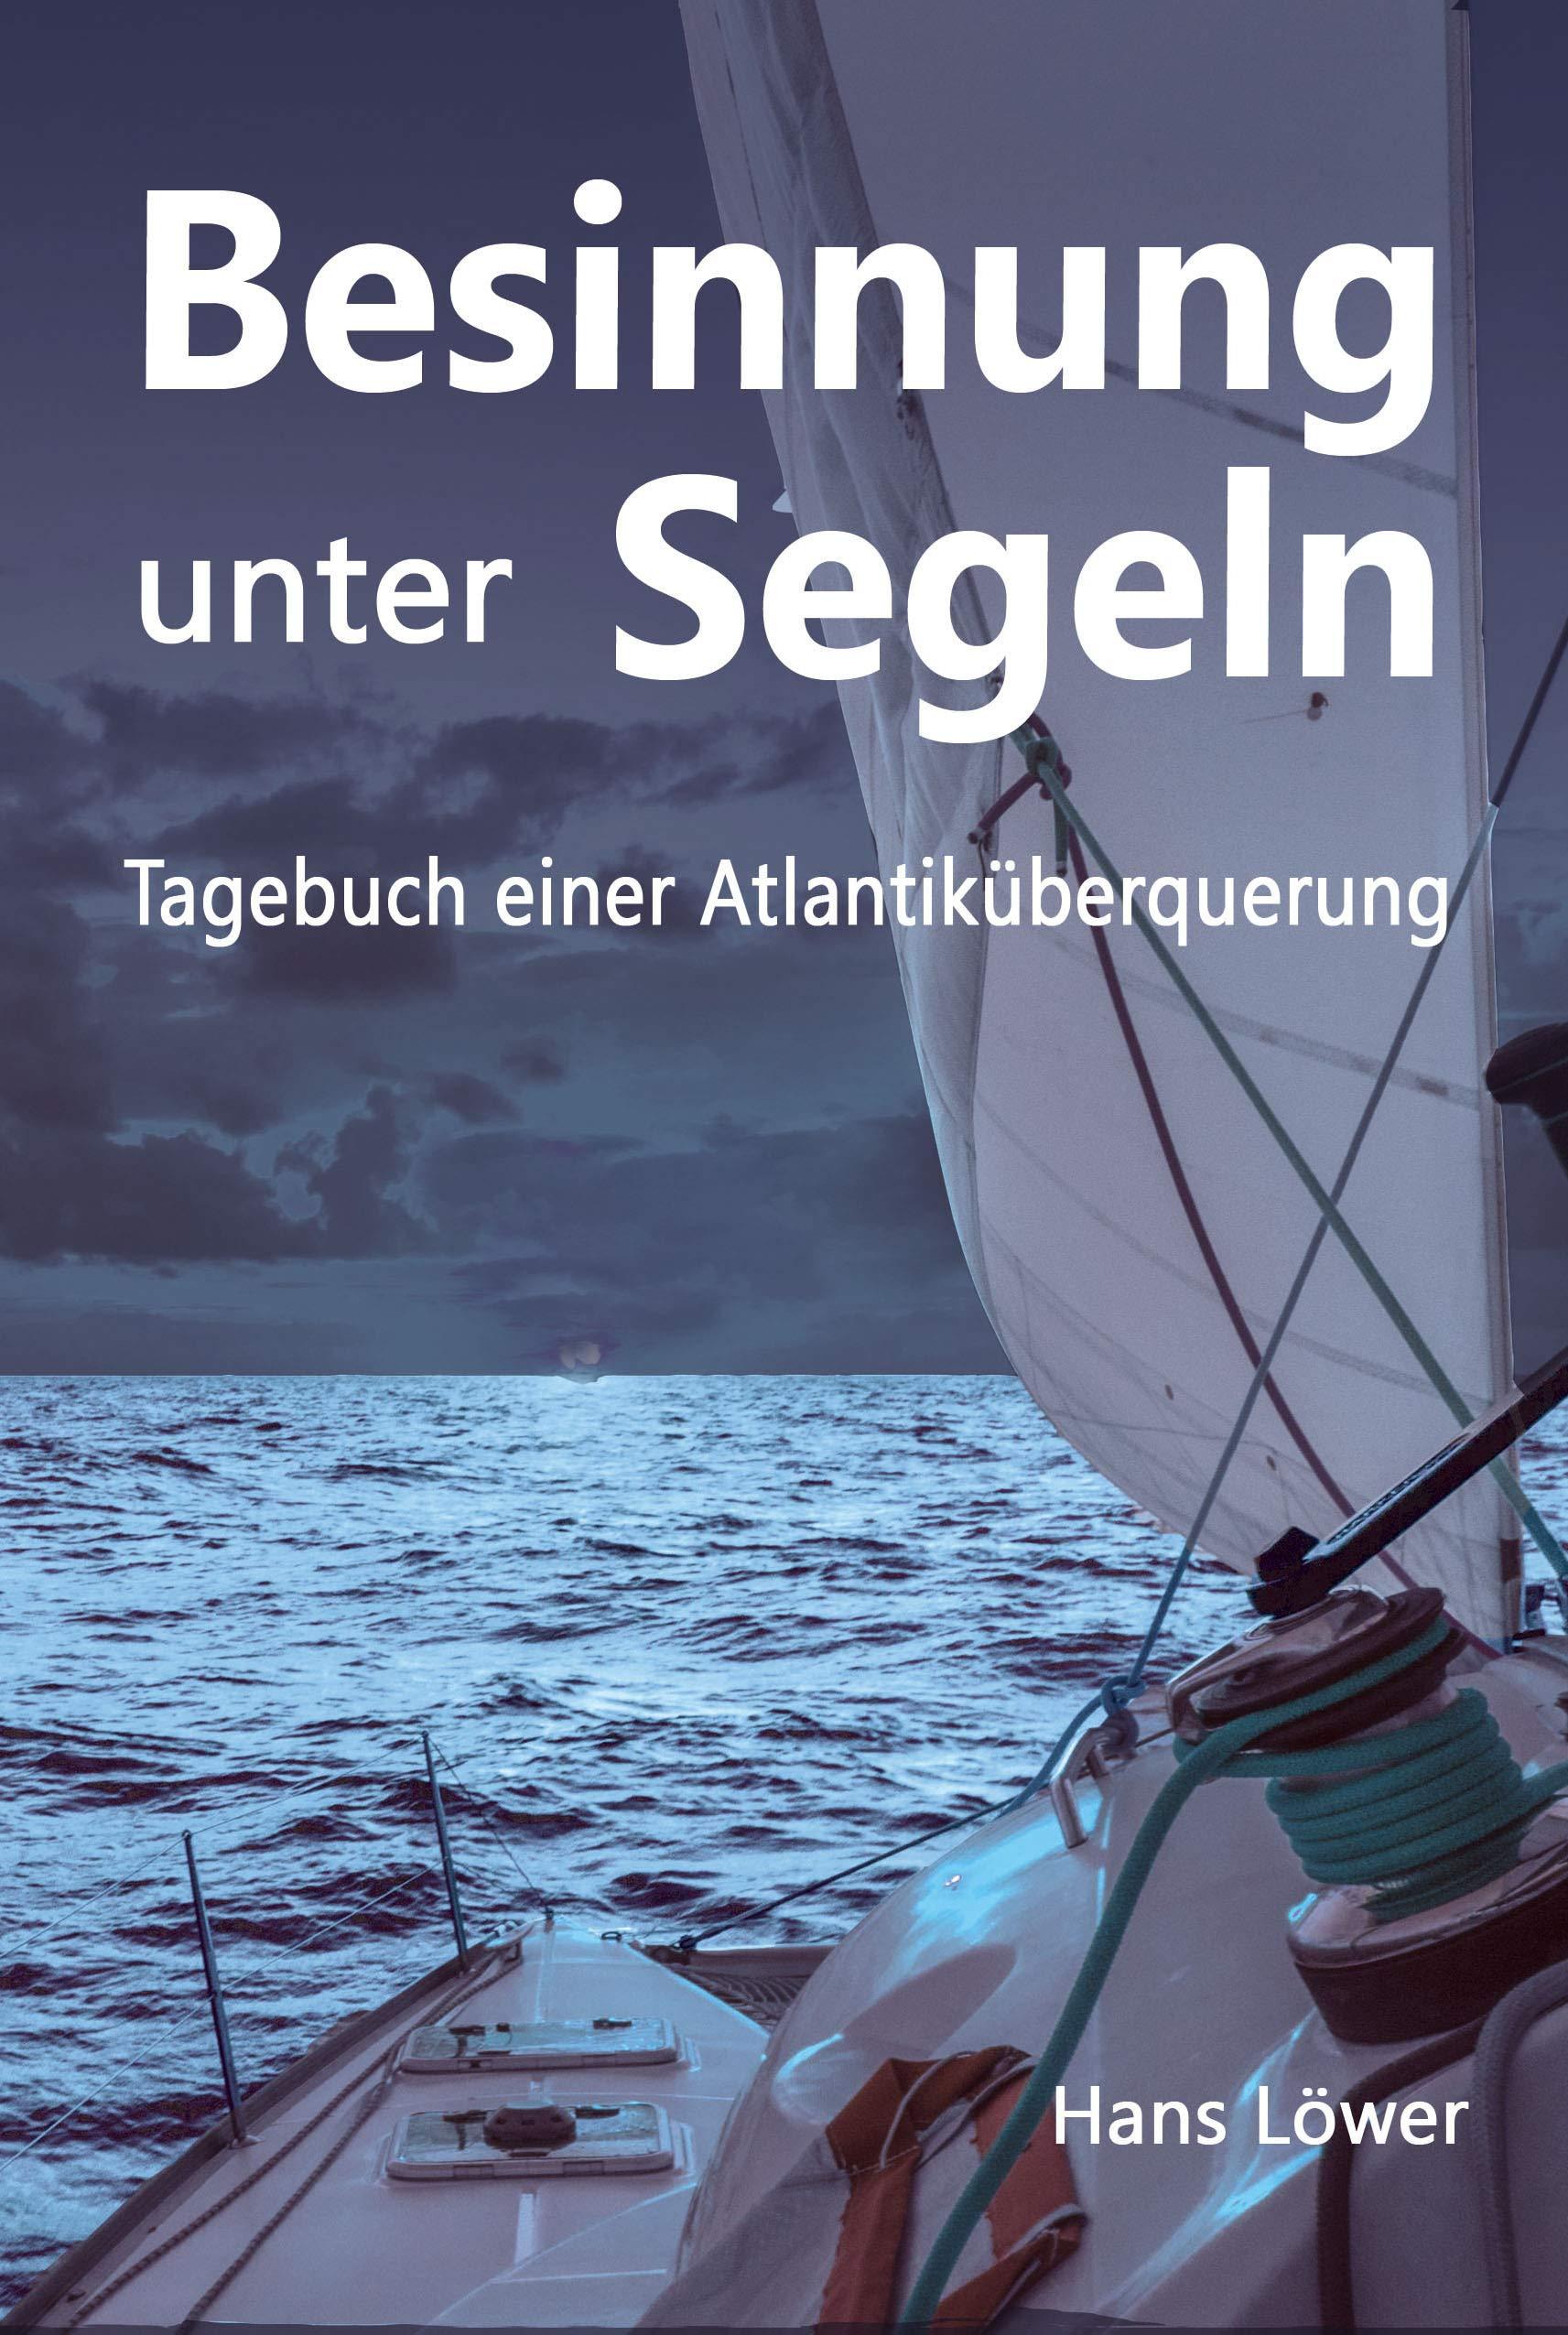 Besinnung unter Segeln: Tagebuch einer Atlantiküberquerung Taschenbuch – 10. Oktober 2018 Hans Löwer Hans Löwer (Nova MD) 3964433055 Reiseberichte / Welt gesamt